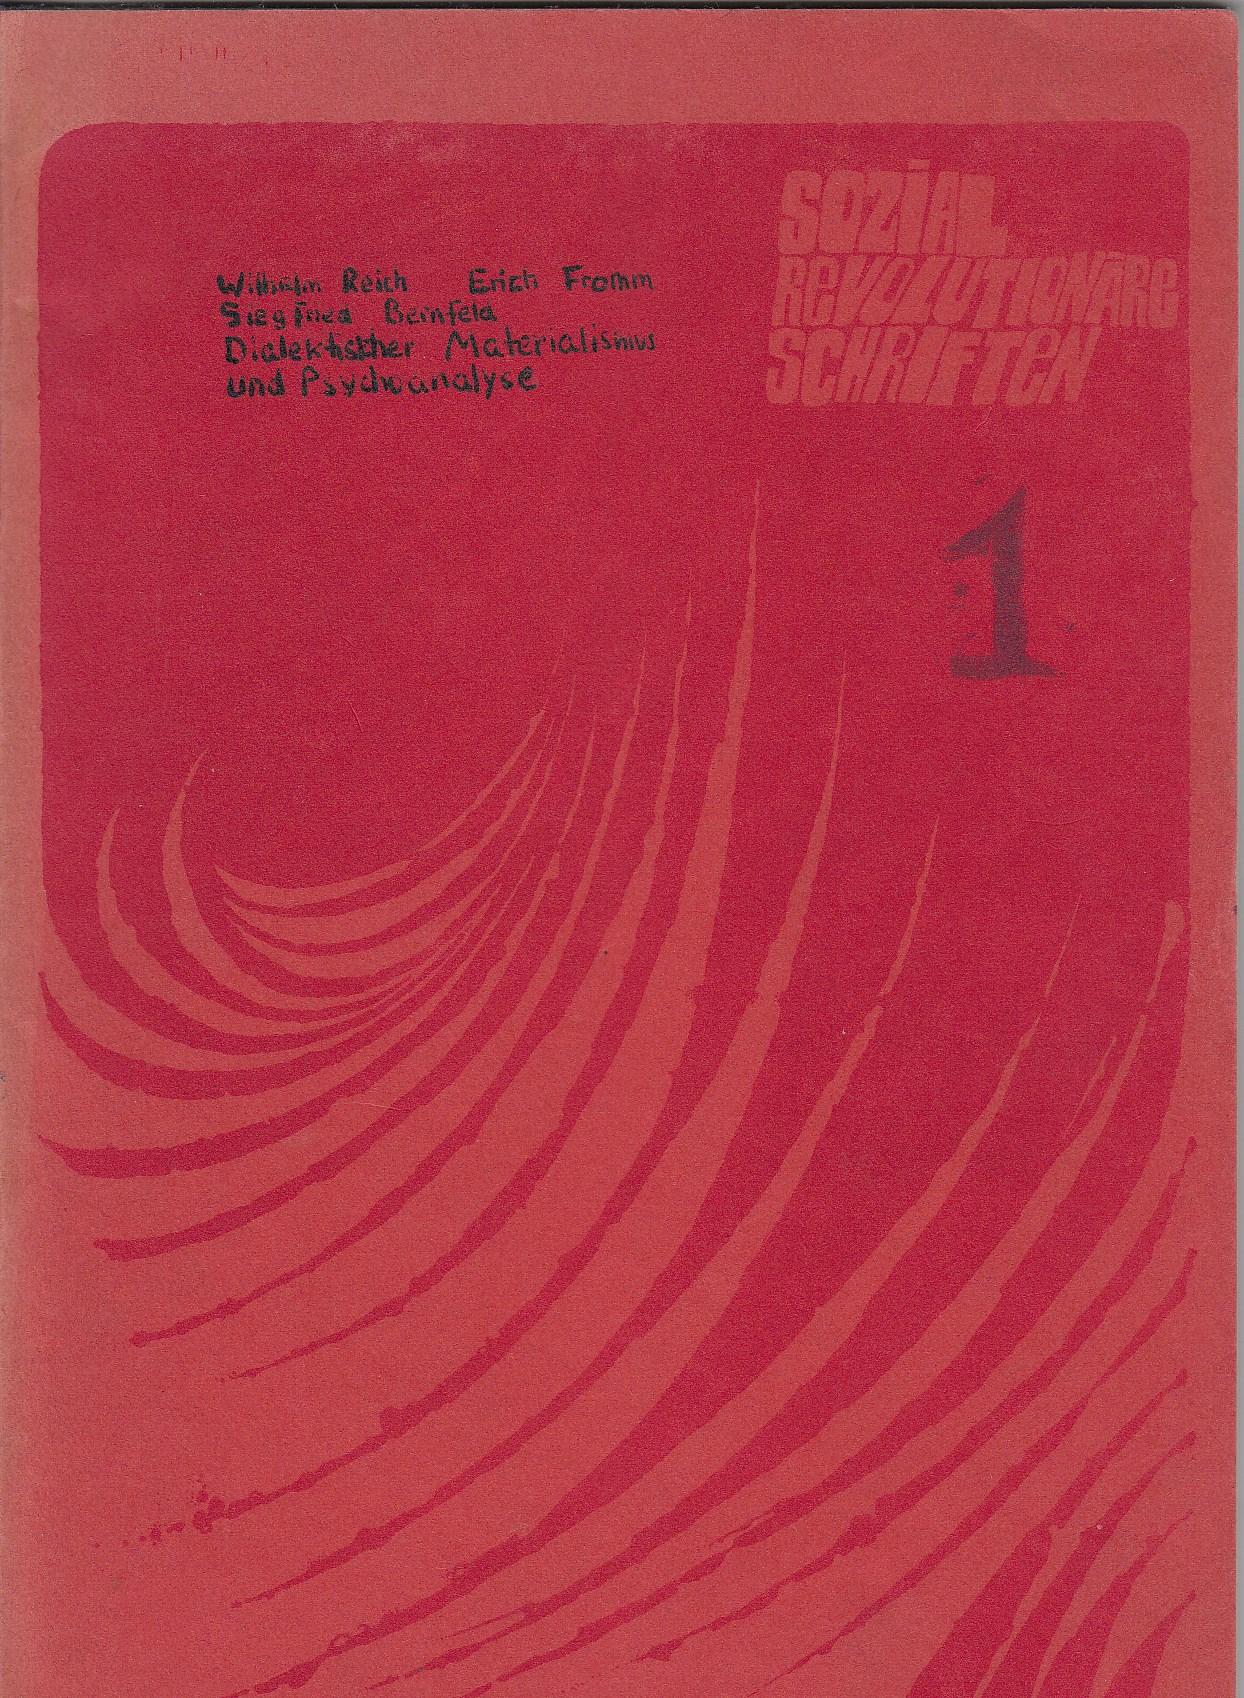 Sozialrevolutionäre Schriften 1-2. Alles Erschienene. Band 1: WilhelmReich, Erich Fromm, Siegfried Bernfeld: Dialektischer Materialismus und Psychoanalyse. Band 2: Max Horkheimer, Politische Reflexionen 1930-1933.